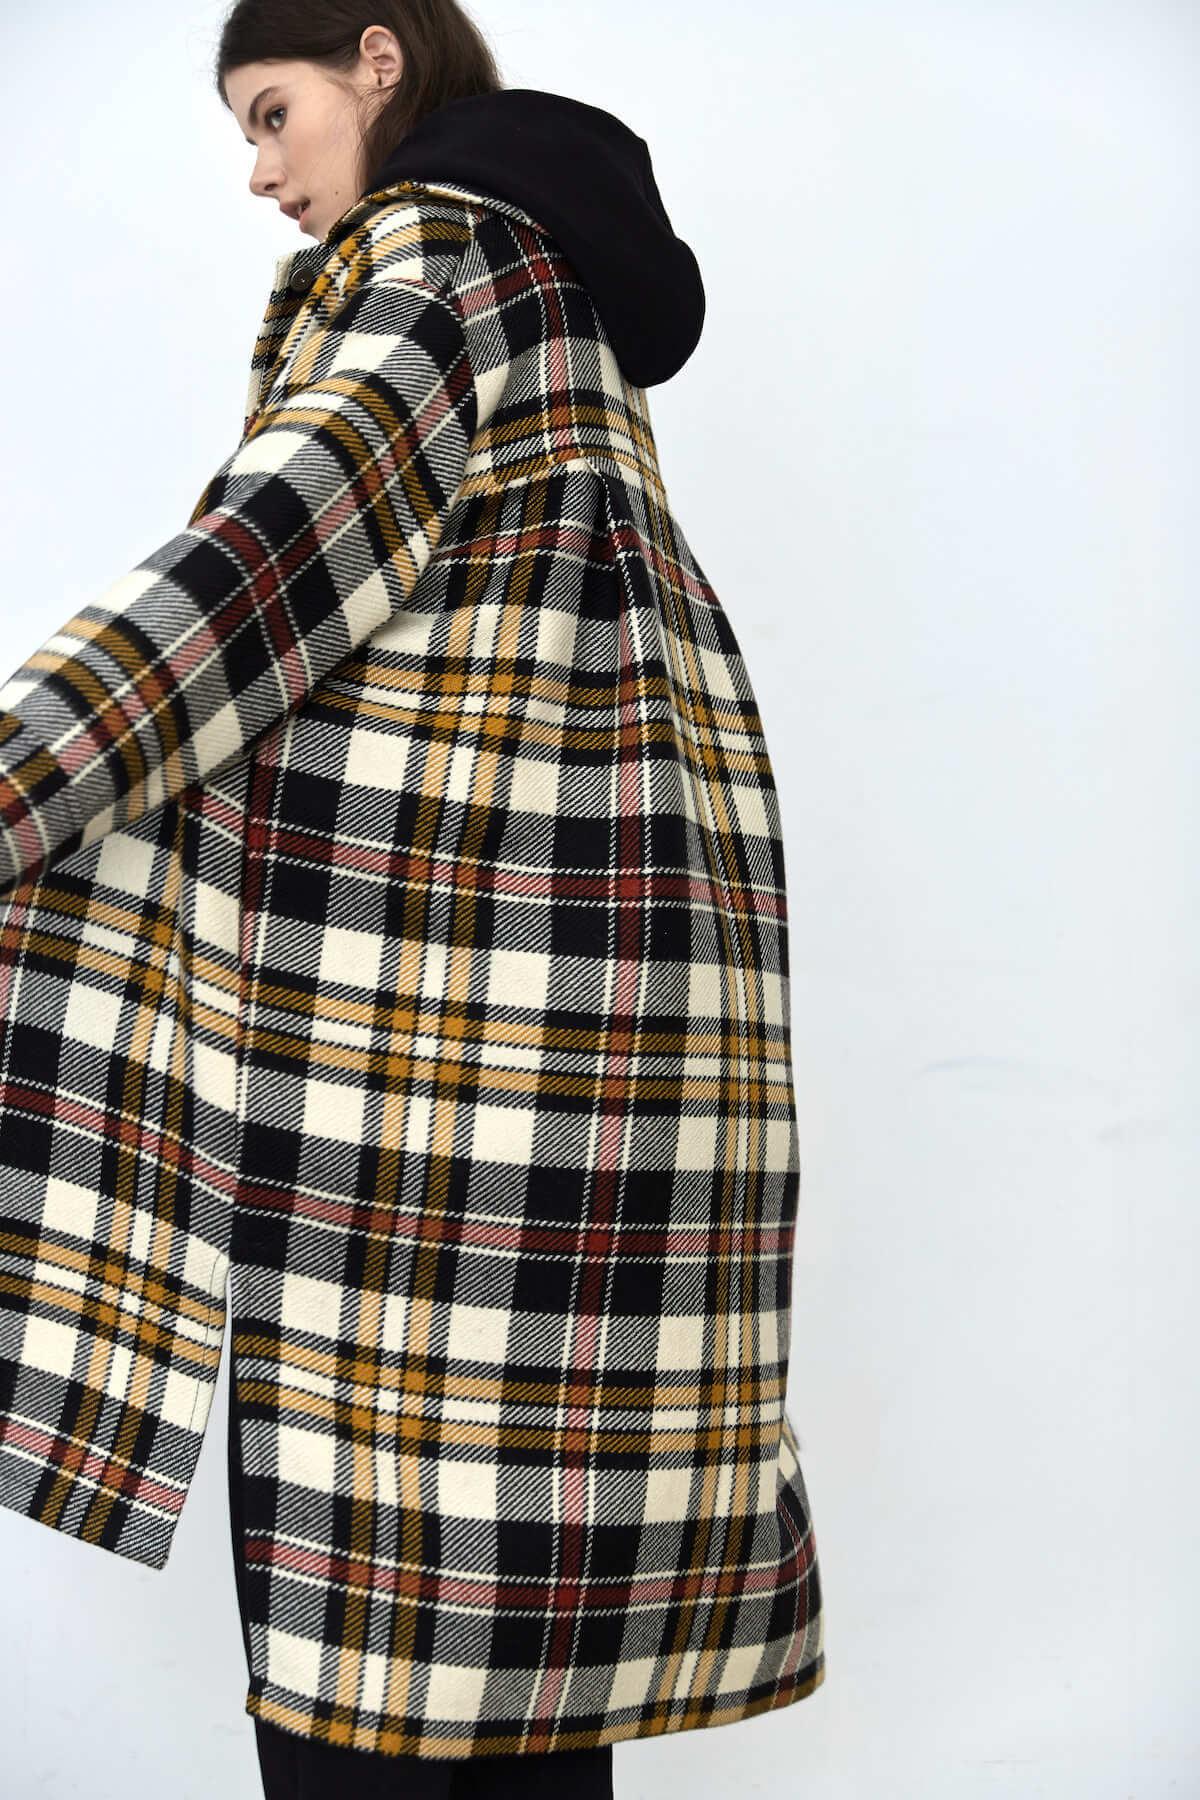 Пальто-рубашка на кнопках, молочное в черно-красную клетку с желтыми полос